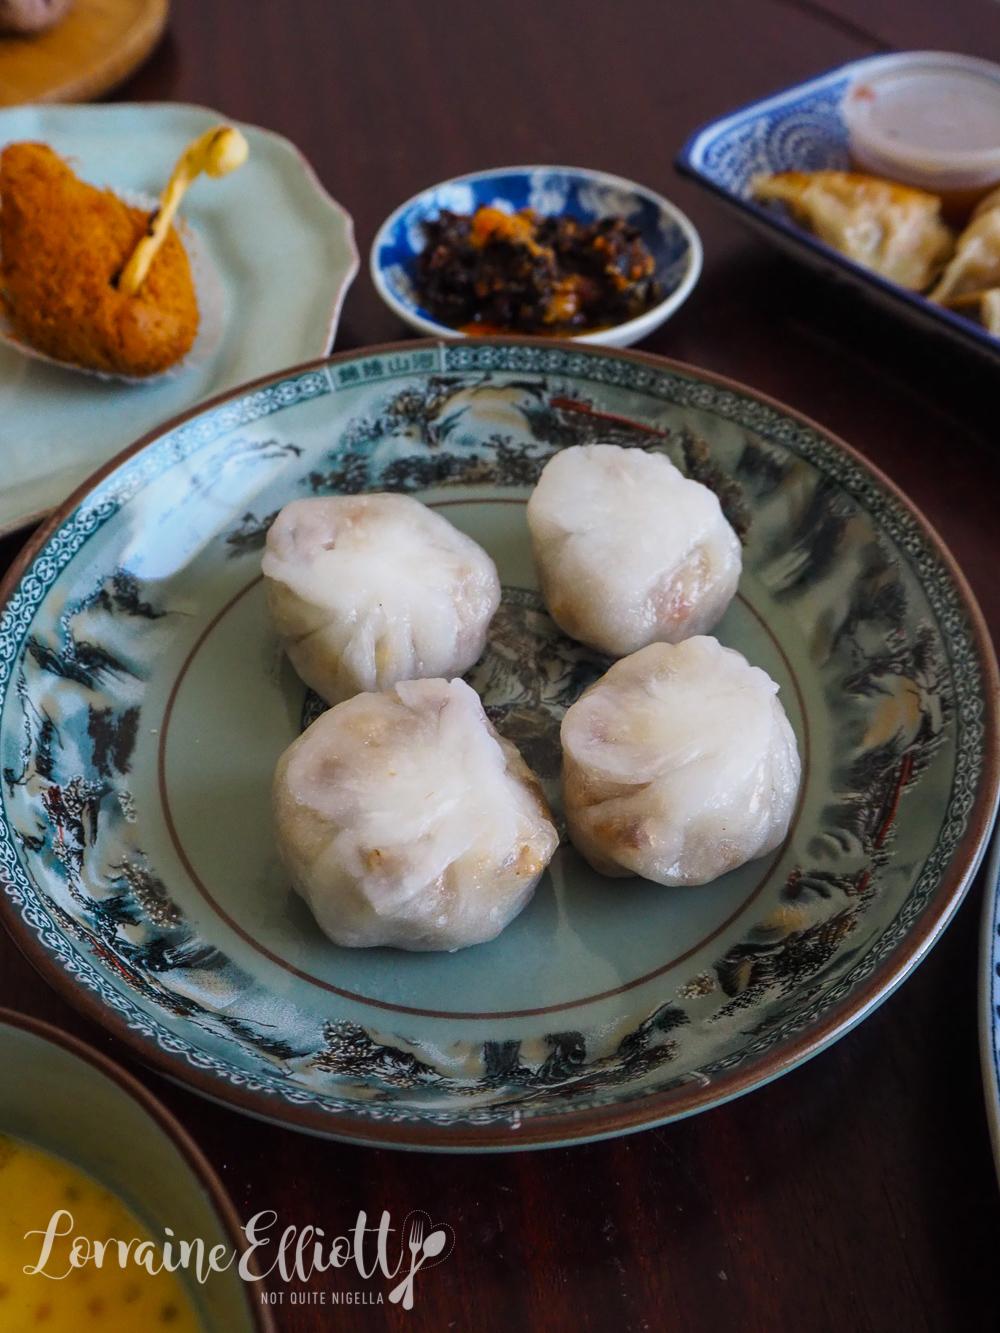 Palace Yum Cha At Home